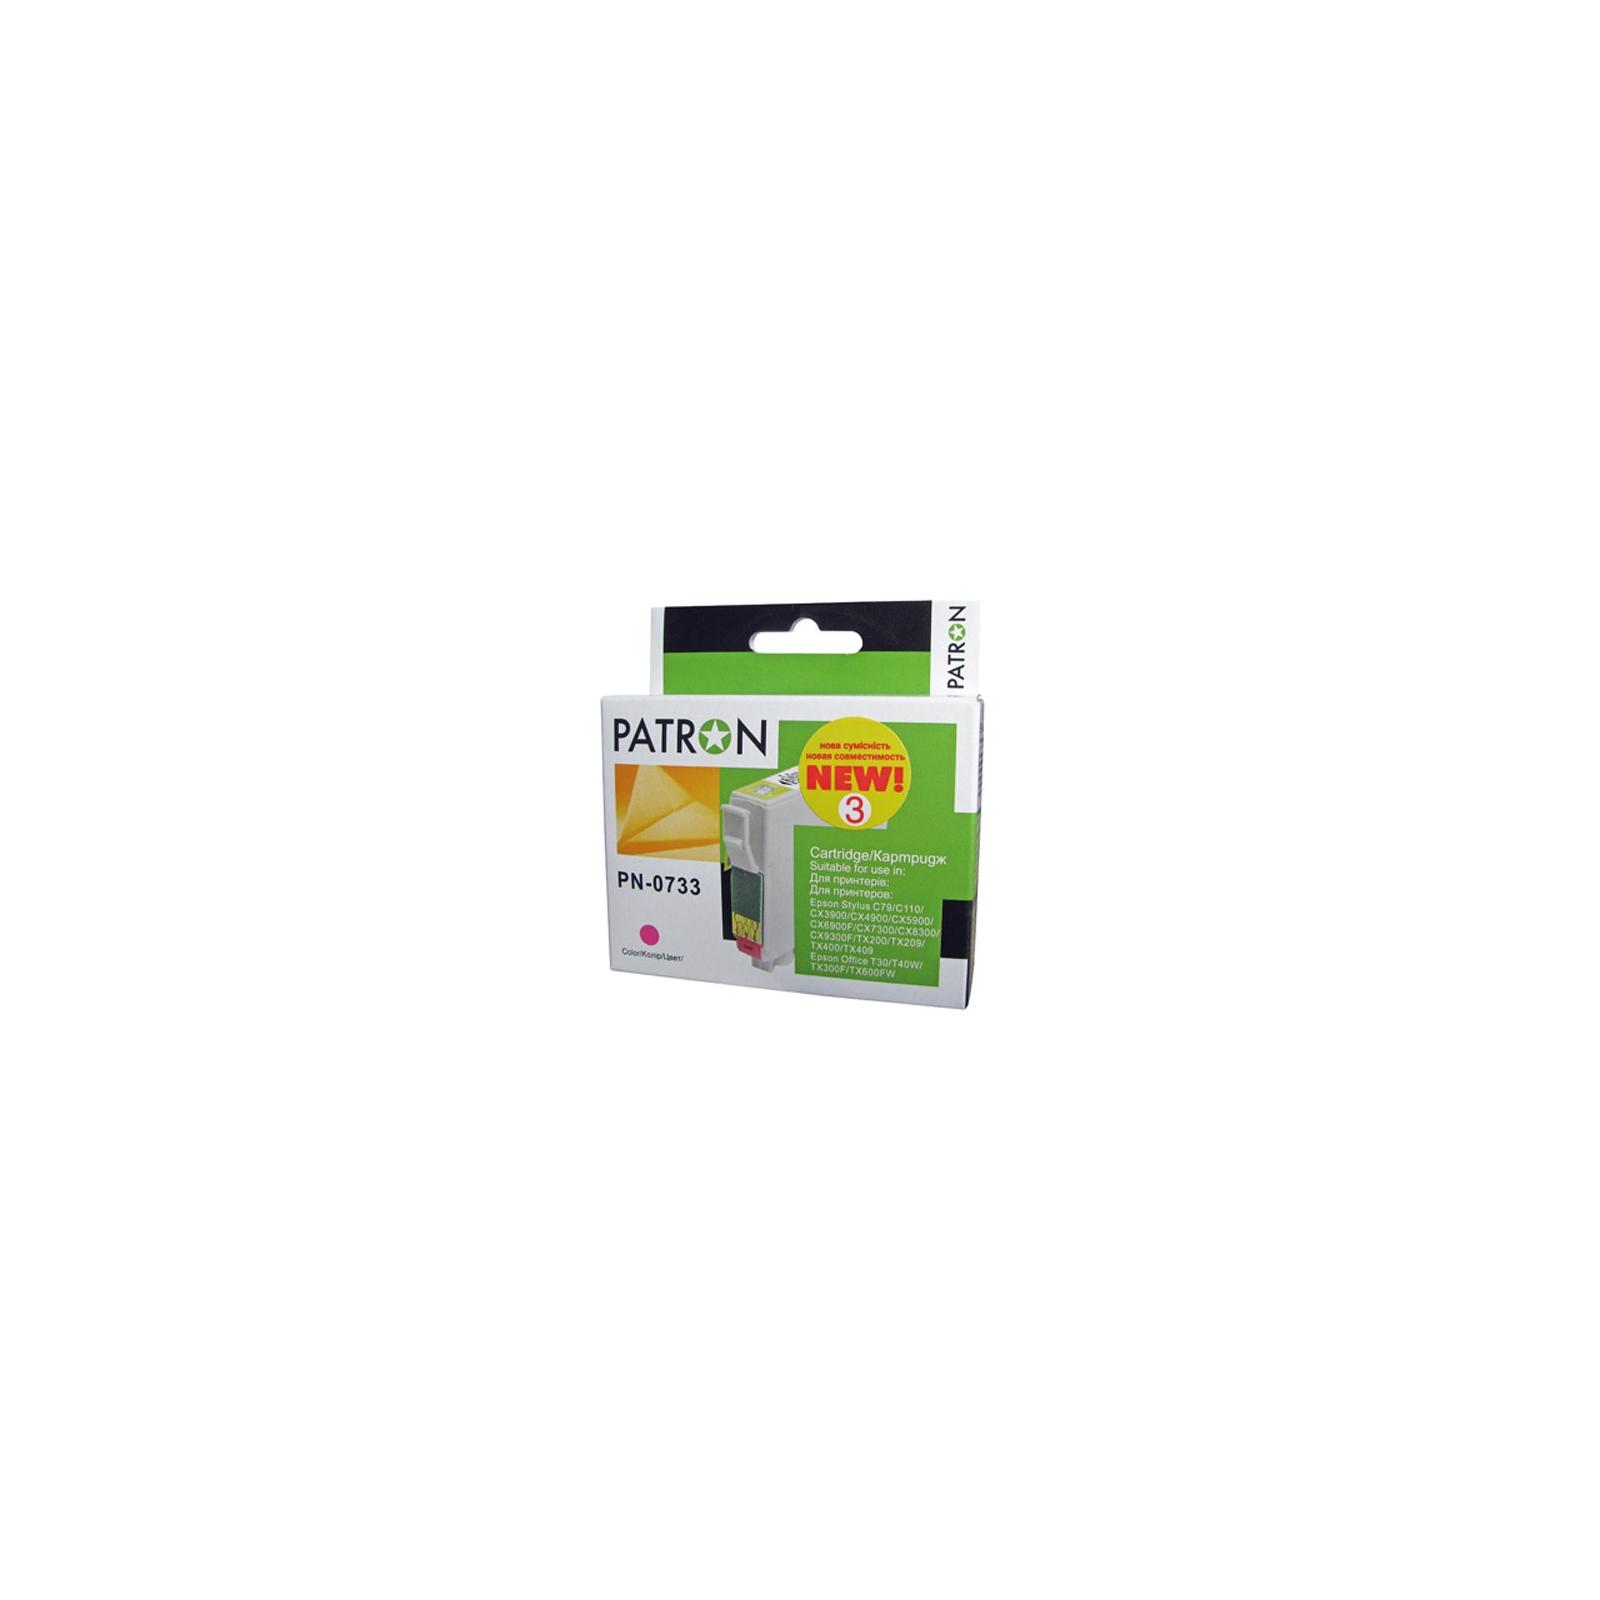 Картридж PATRON для EPSON C79/C110/TX200 magenta (CI-EPS-T07334-M3-PN) изображение 2